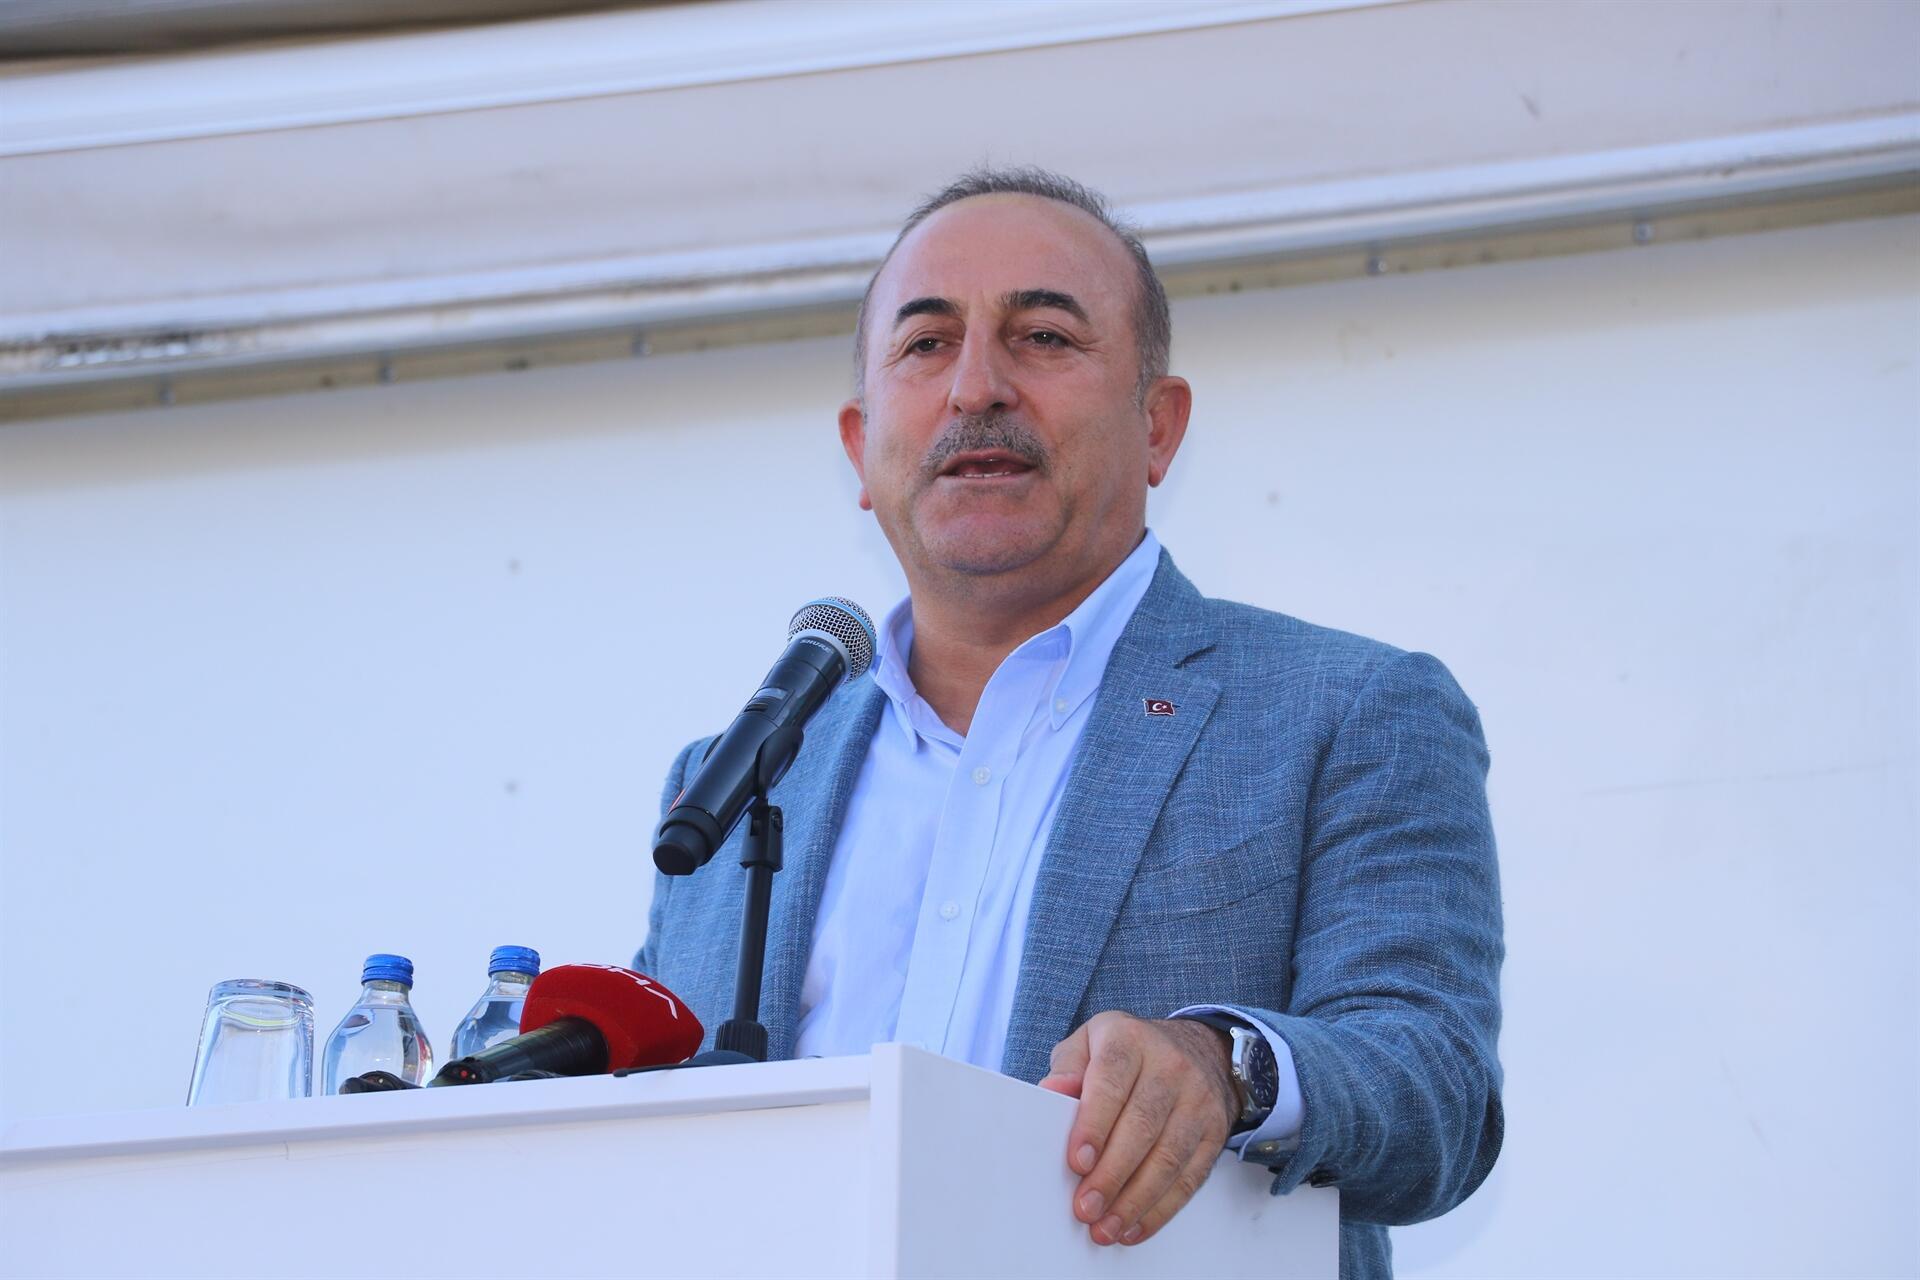 La Turquie doit éliminer les terroristes du YPG / PKK à l'est de l'Euphrate, a déclaré le ministre turc des Affaires étrangères